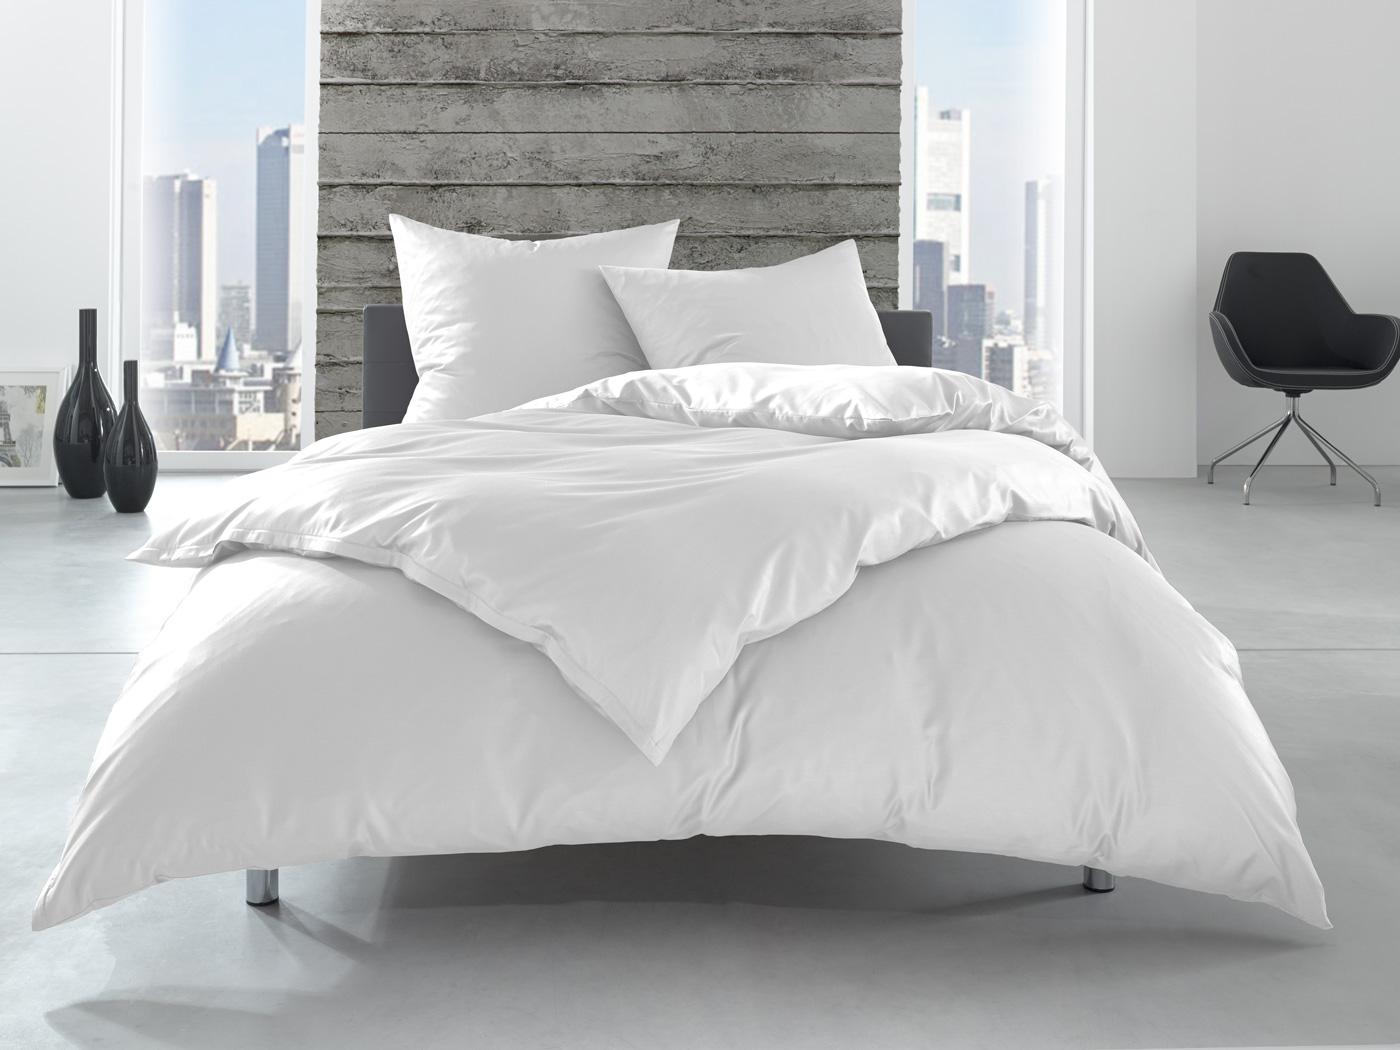 Bettwaesche Mit Stil Renforcé Linon Hotelbettwäsche Lia 100 Baumwolle Weiß Uni Einfarbig